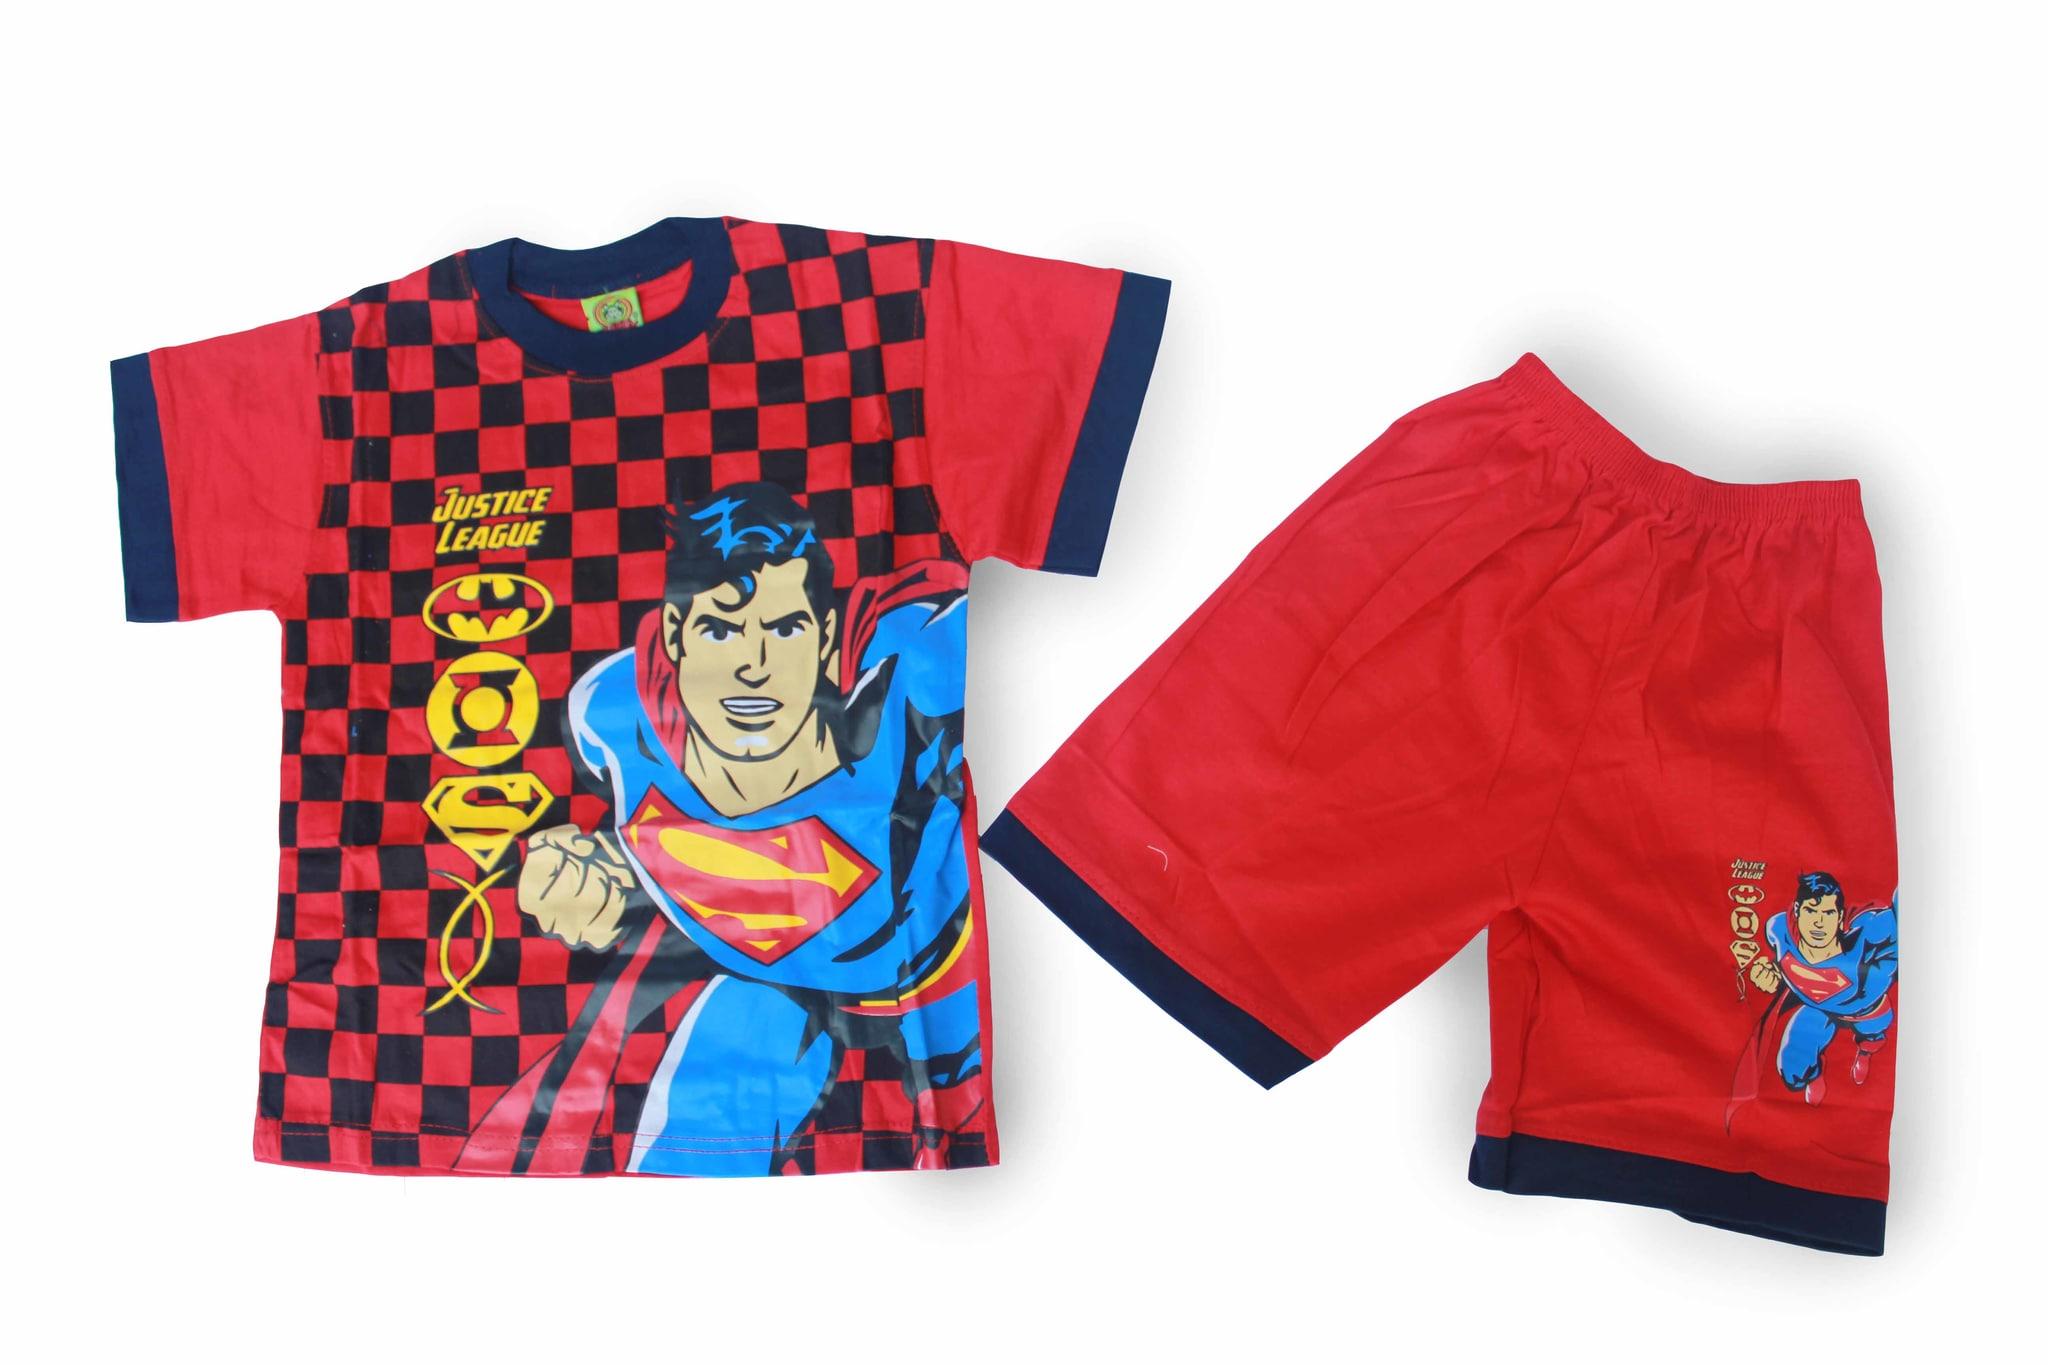 Setelan Baju Anak Laki Laki / Cowok Murah - SAS-C Superman 5-6 tahun